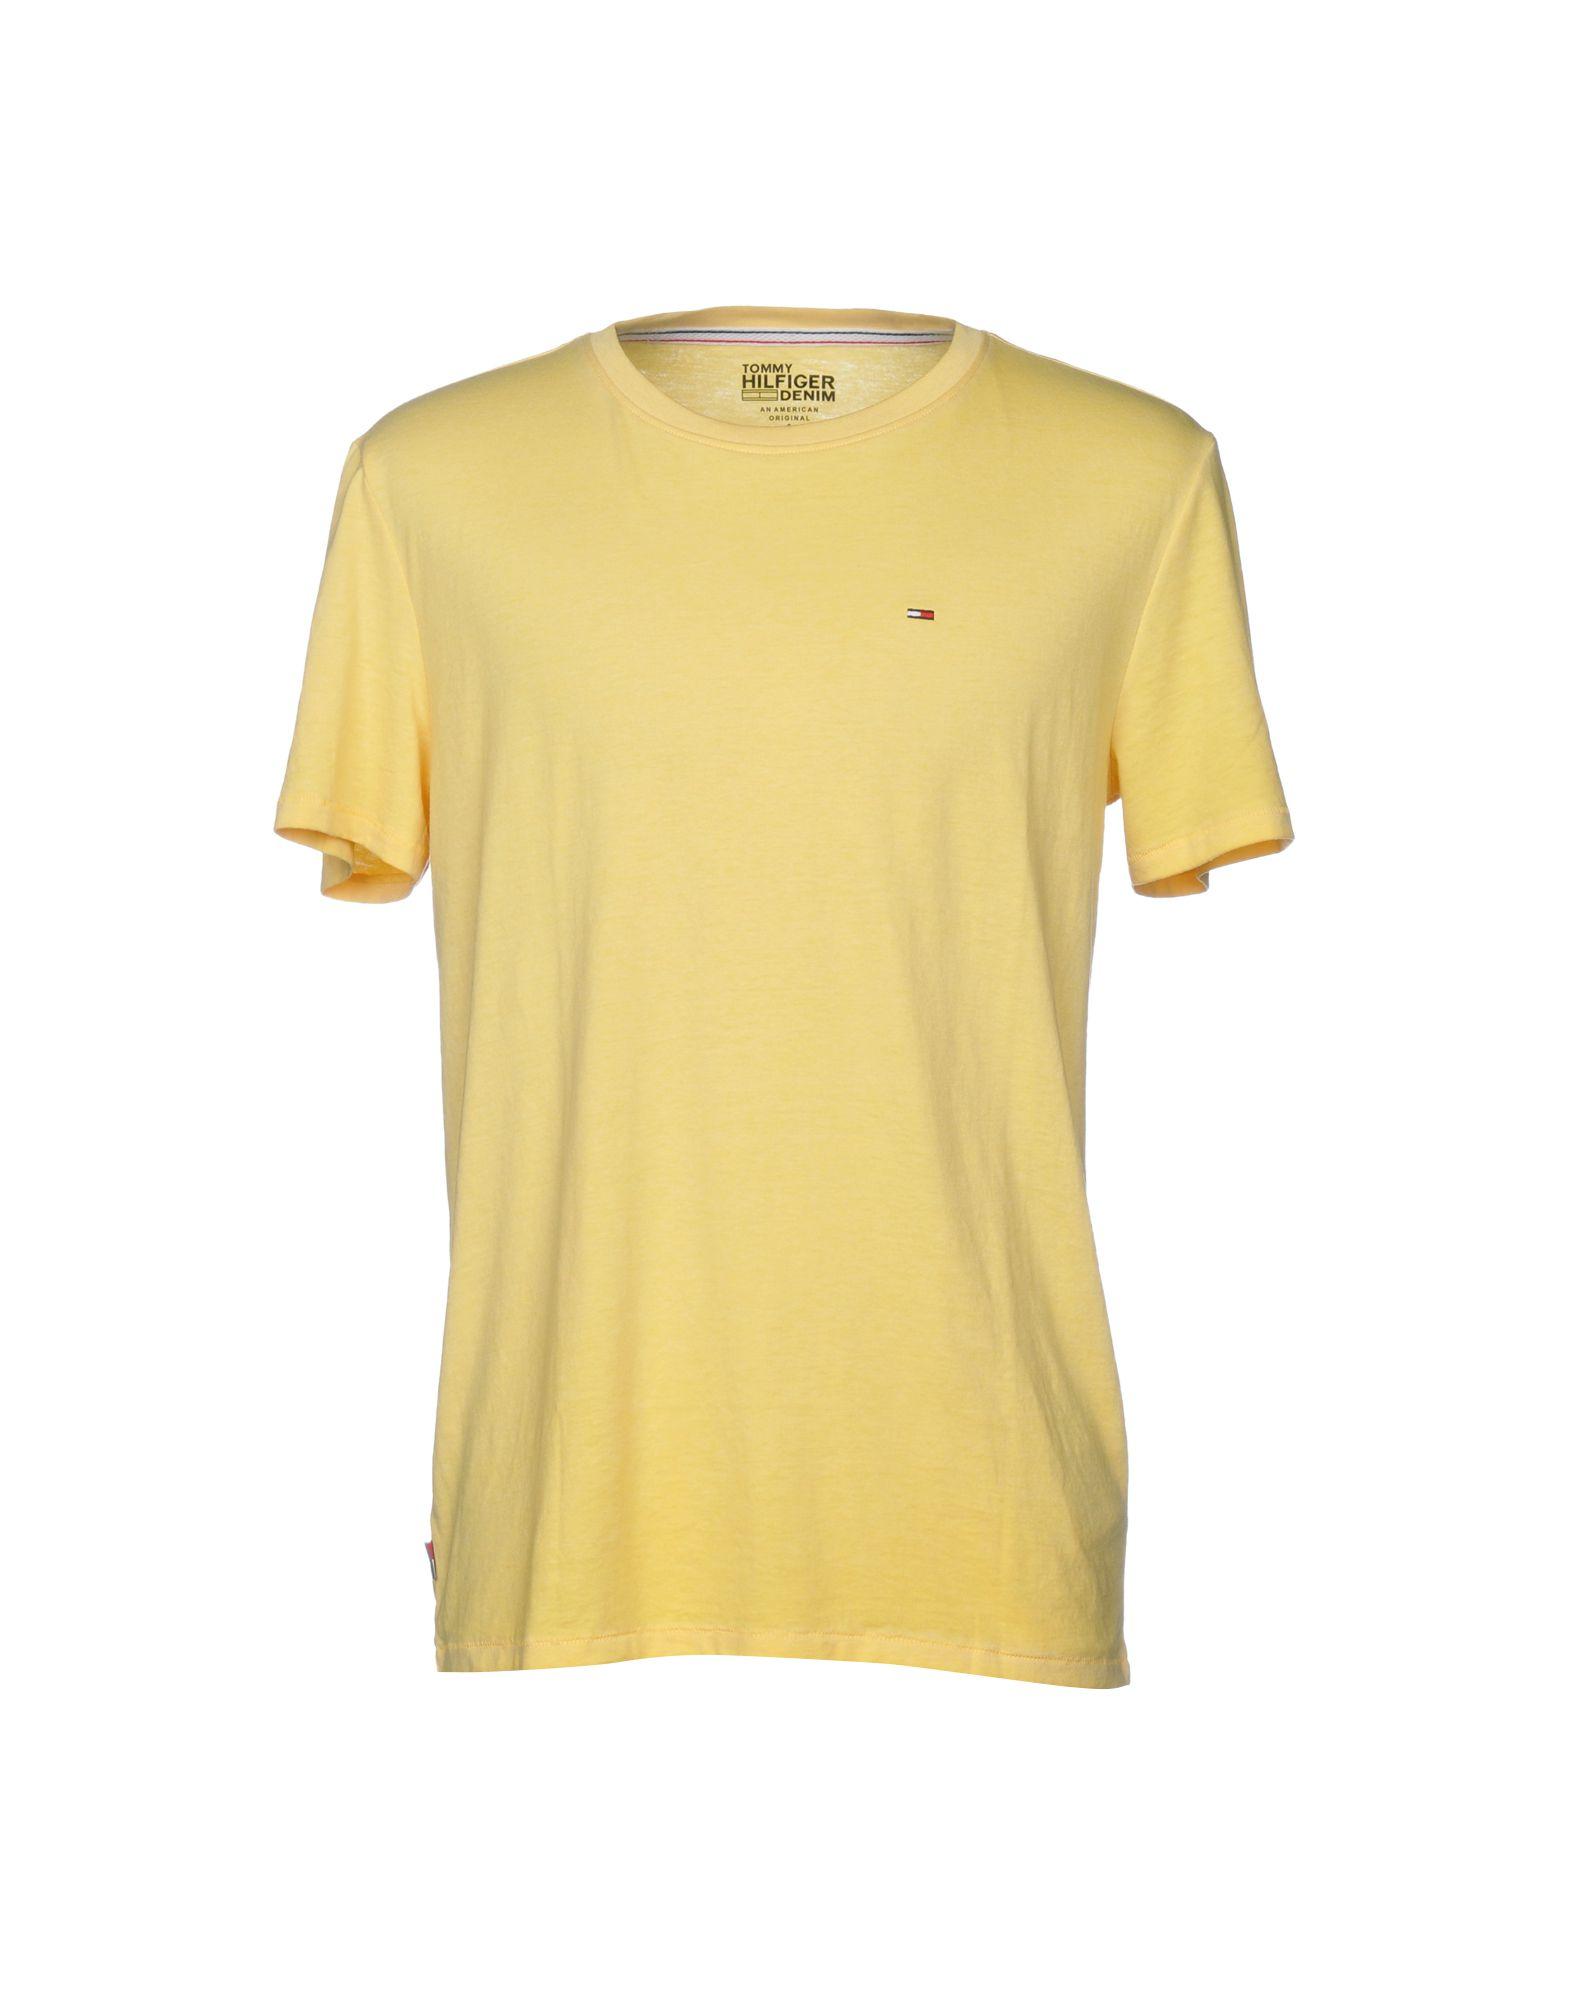 TOMMY HILFIGER DENIM Футболка футболка hilfiger denim 1957888838 002 black iris